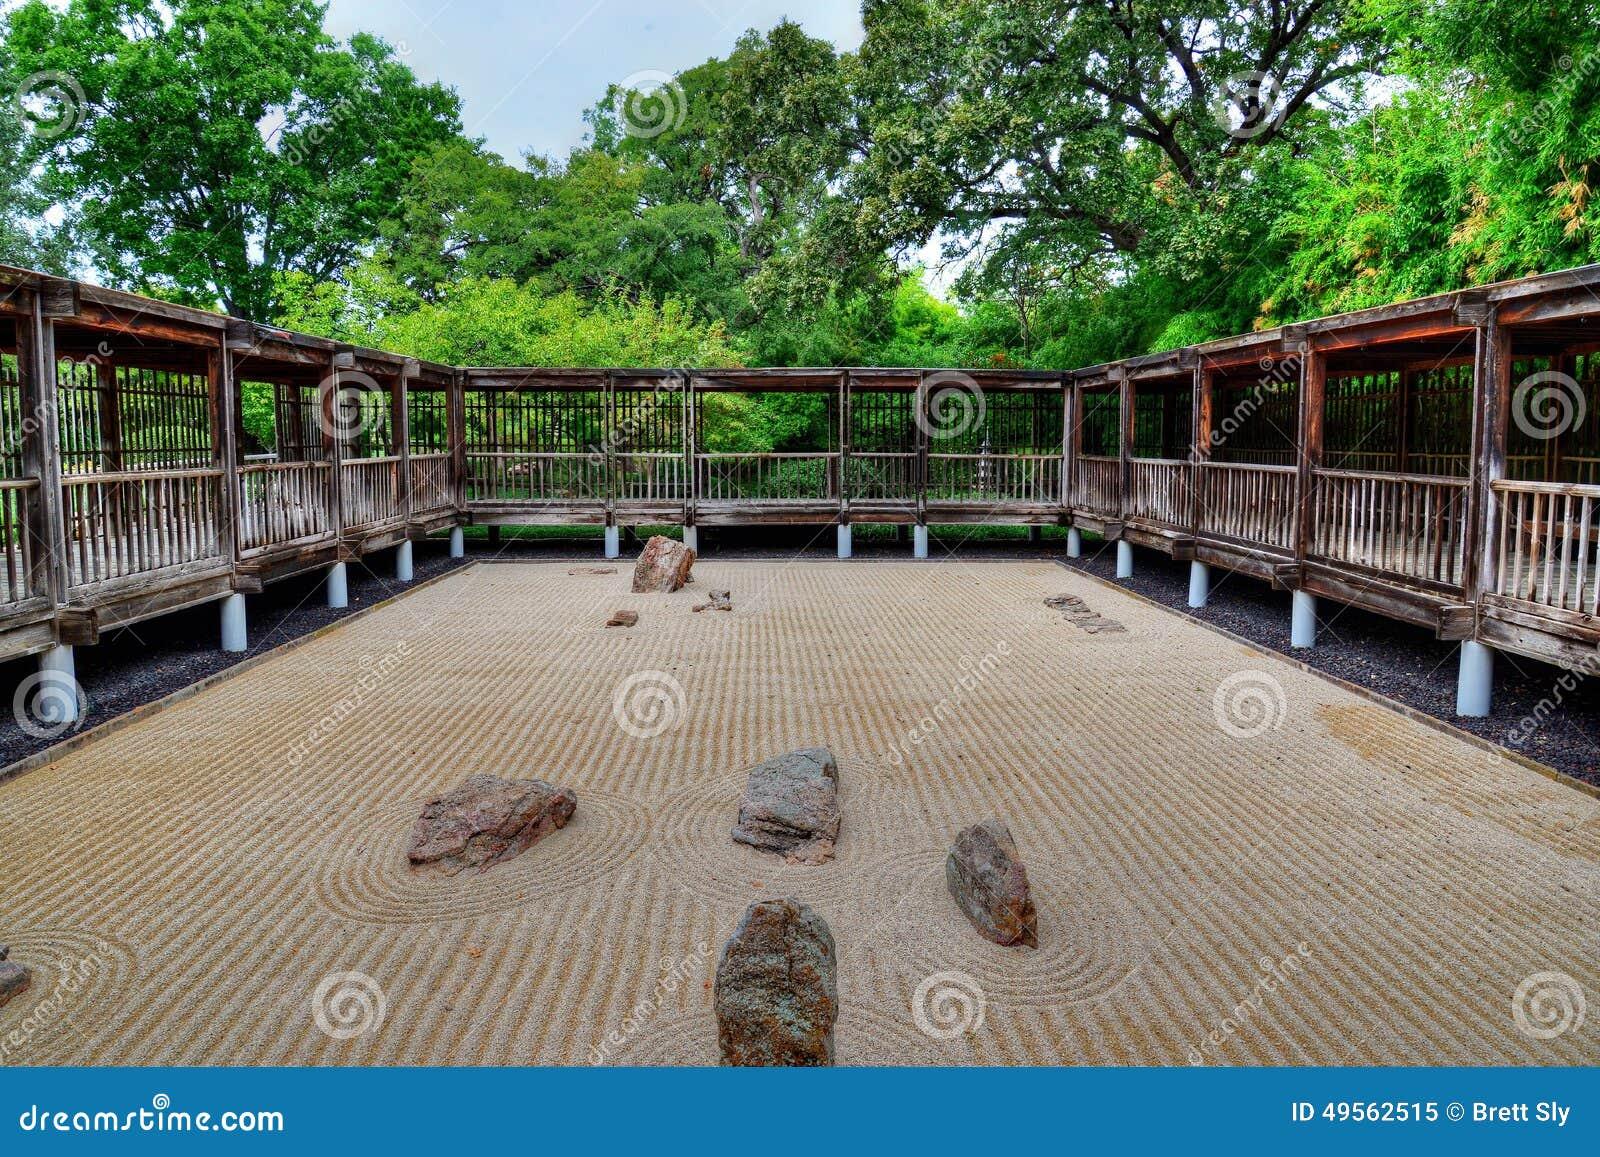 Japanese Rock Garden Japanese Rock Garden Stock Photo Image 42808587